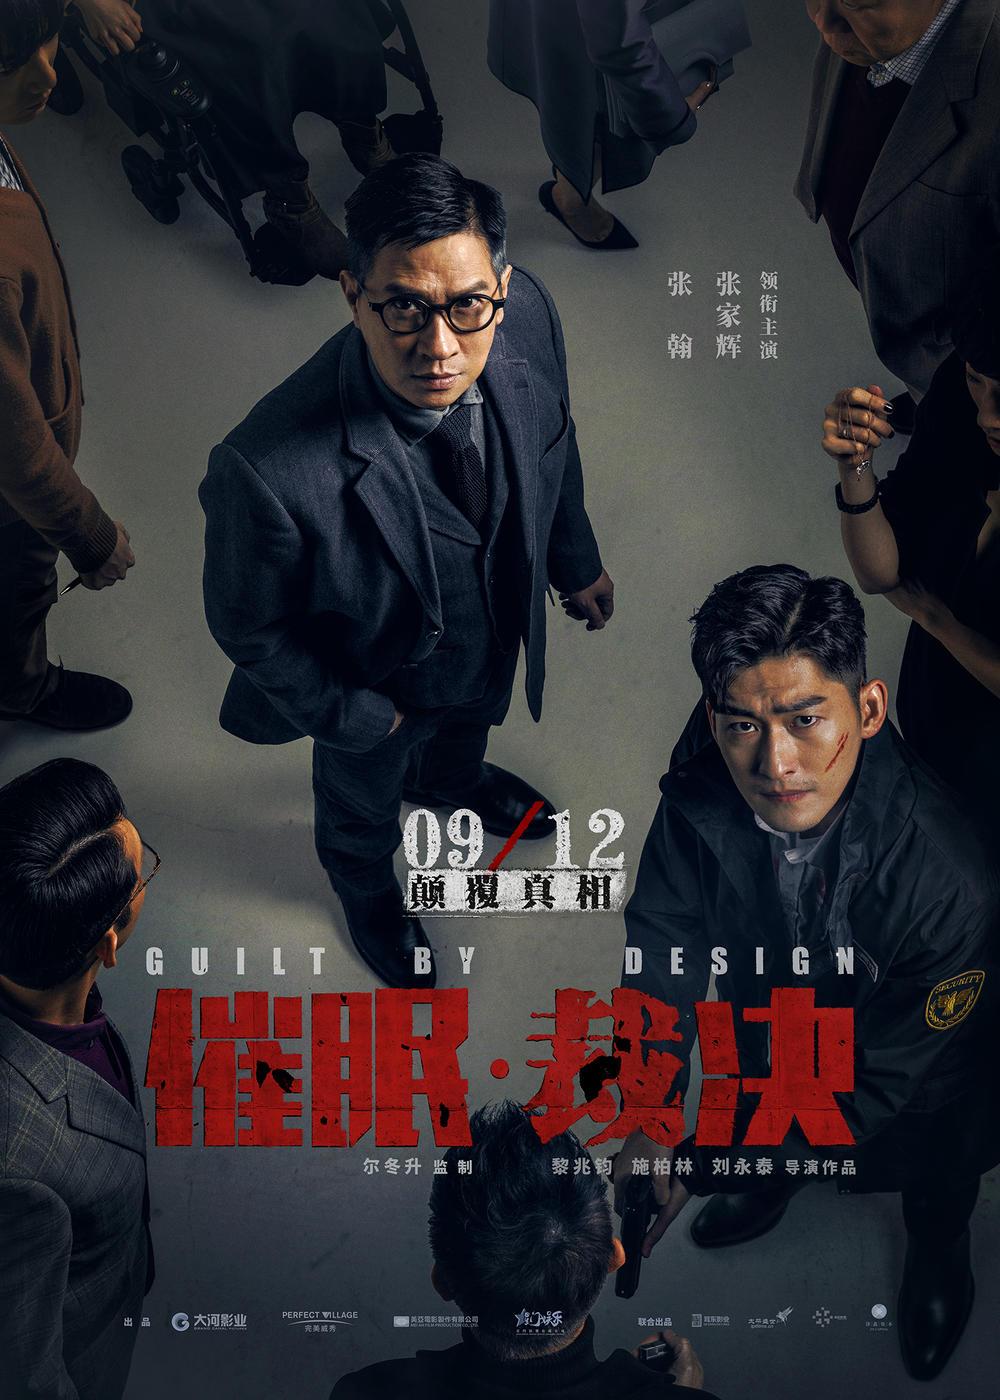 张家辉《催眠·裁决》定档9.12 与张翰上演限时营救